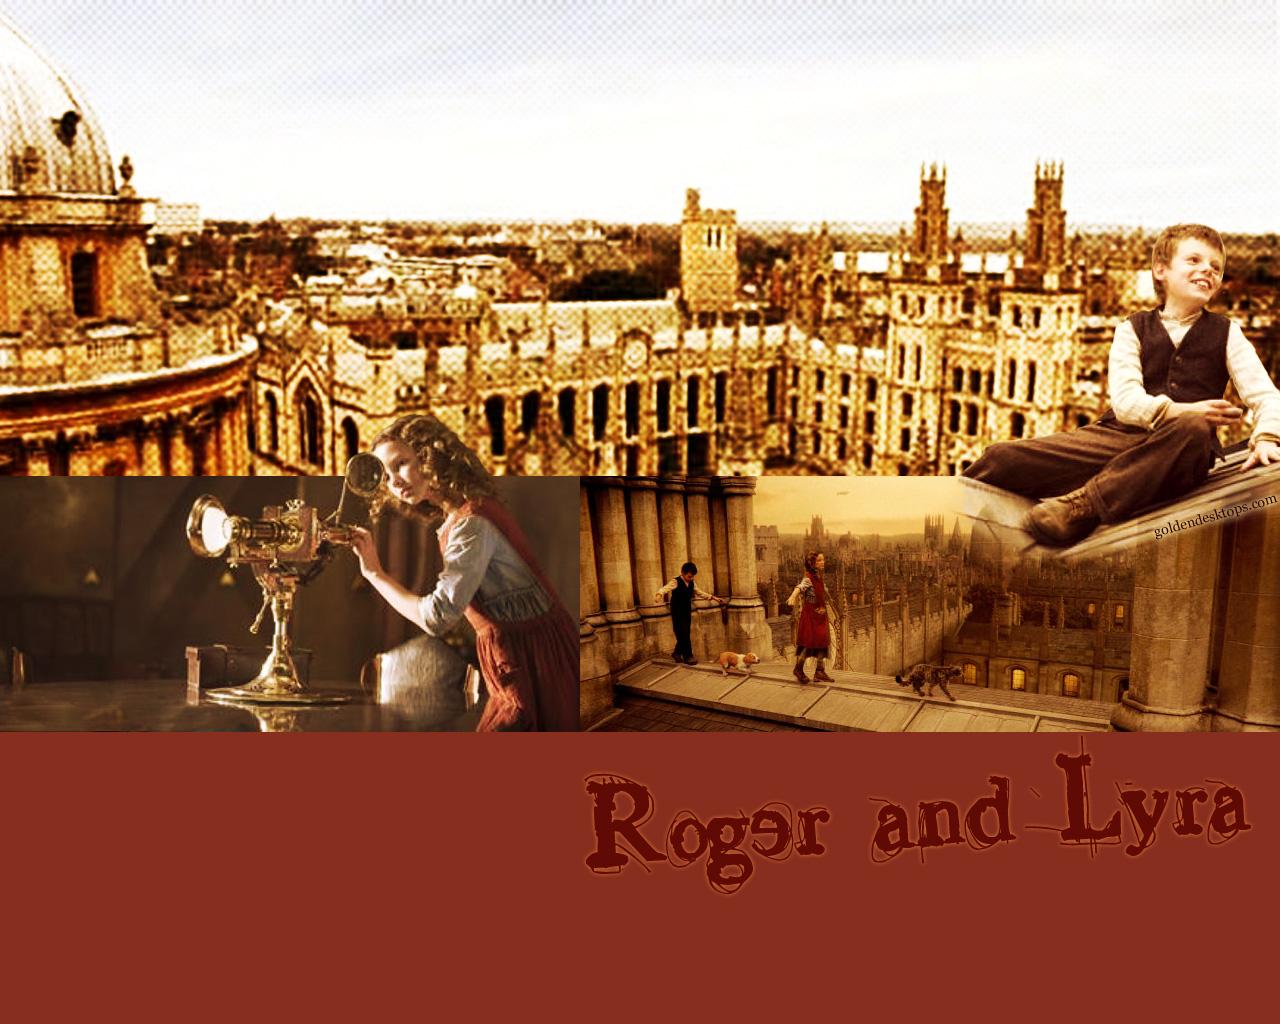 Roger and Lyra